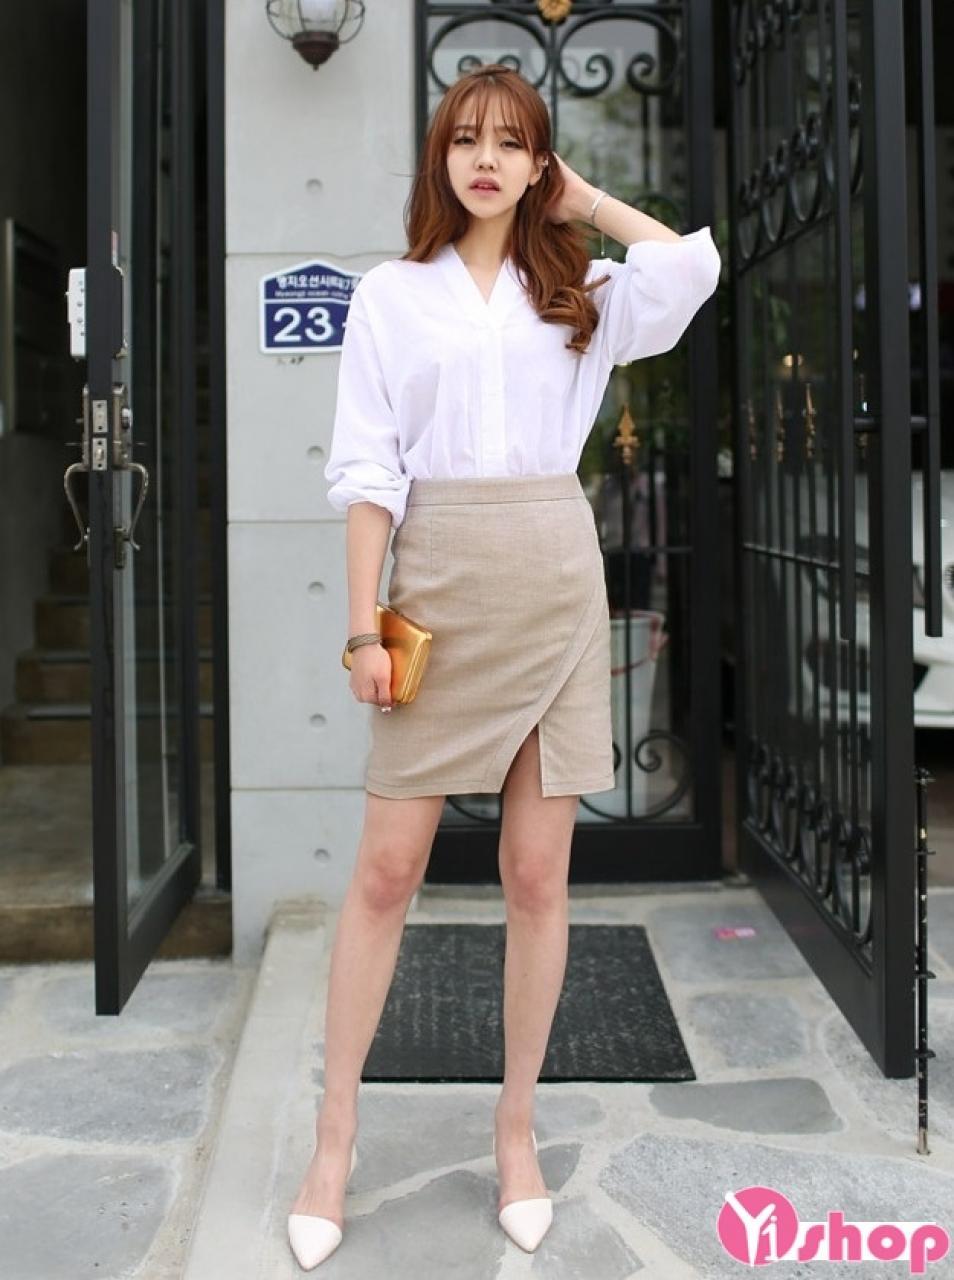 12 Kiểu áo sơ mi nữ trắng đẹp hè 2021 - 2022 phù hợp mọi vóc dáng bạn gái